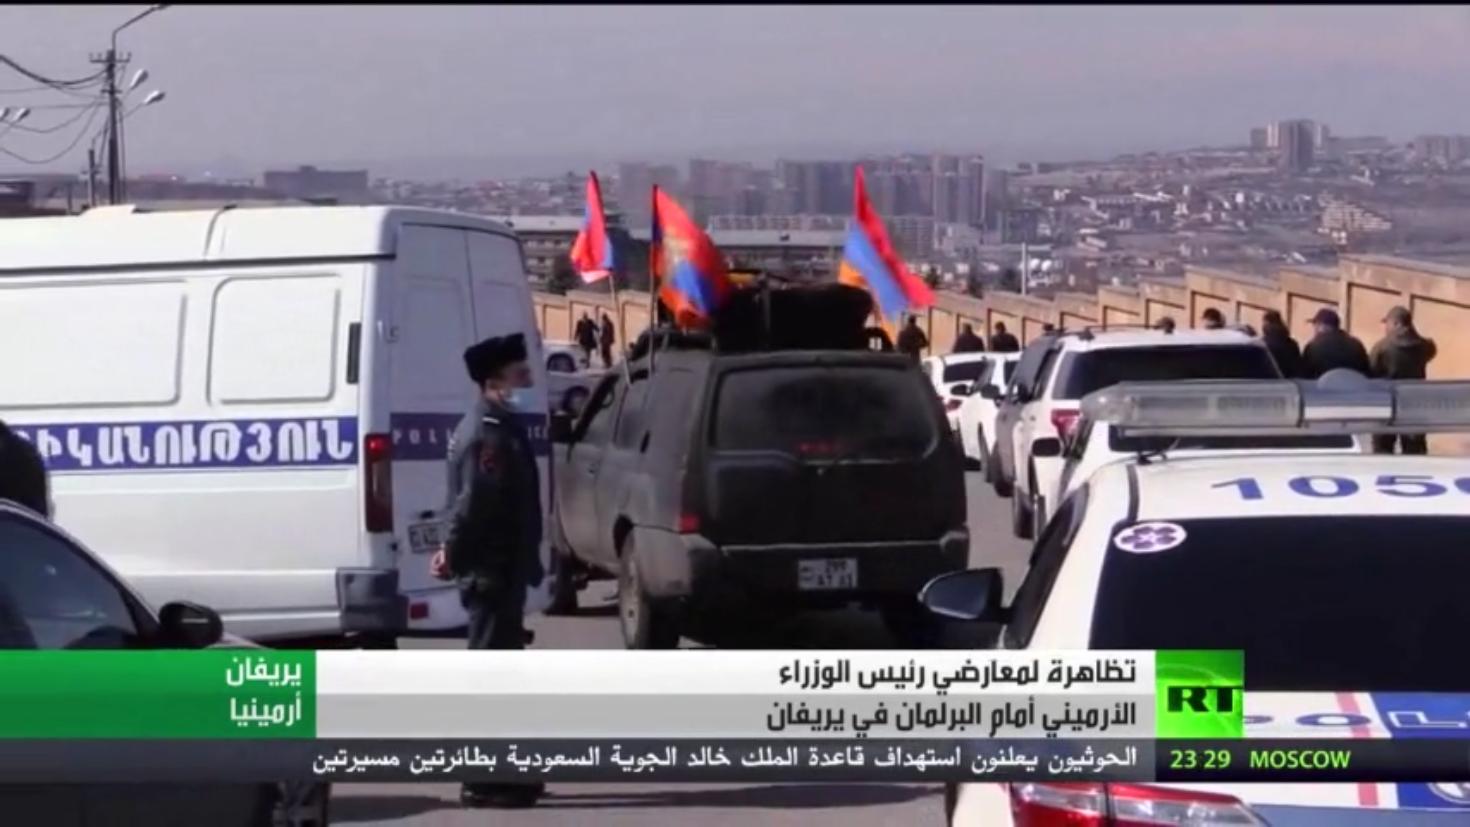 تظاهرة للمعارضة الأرمينية أمام البرلمان